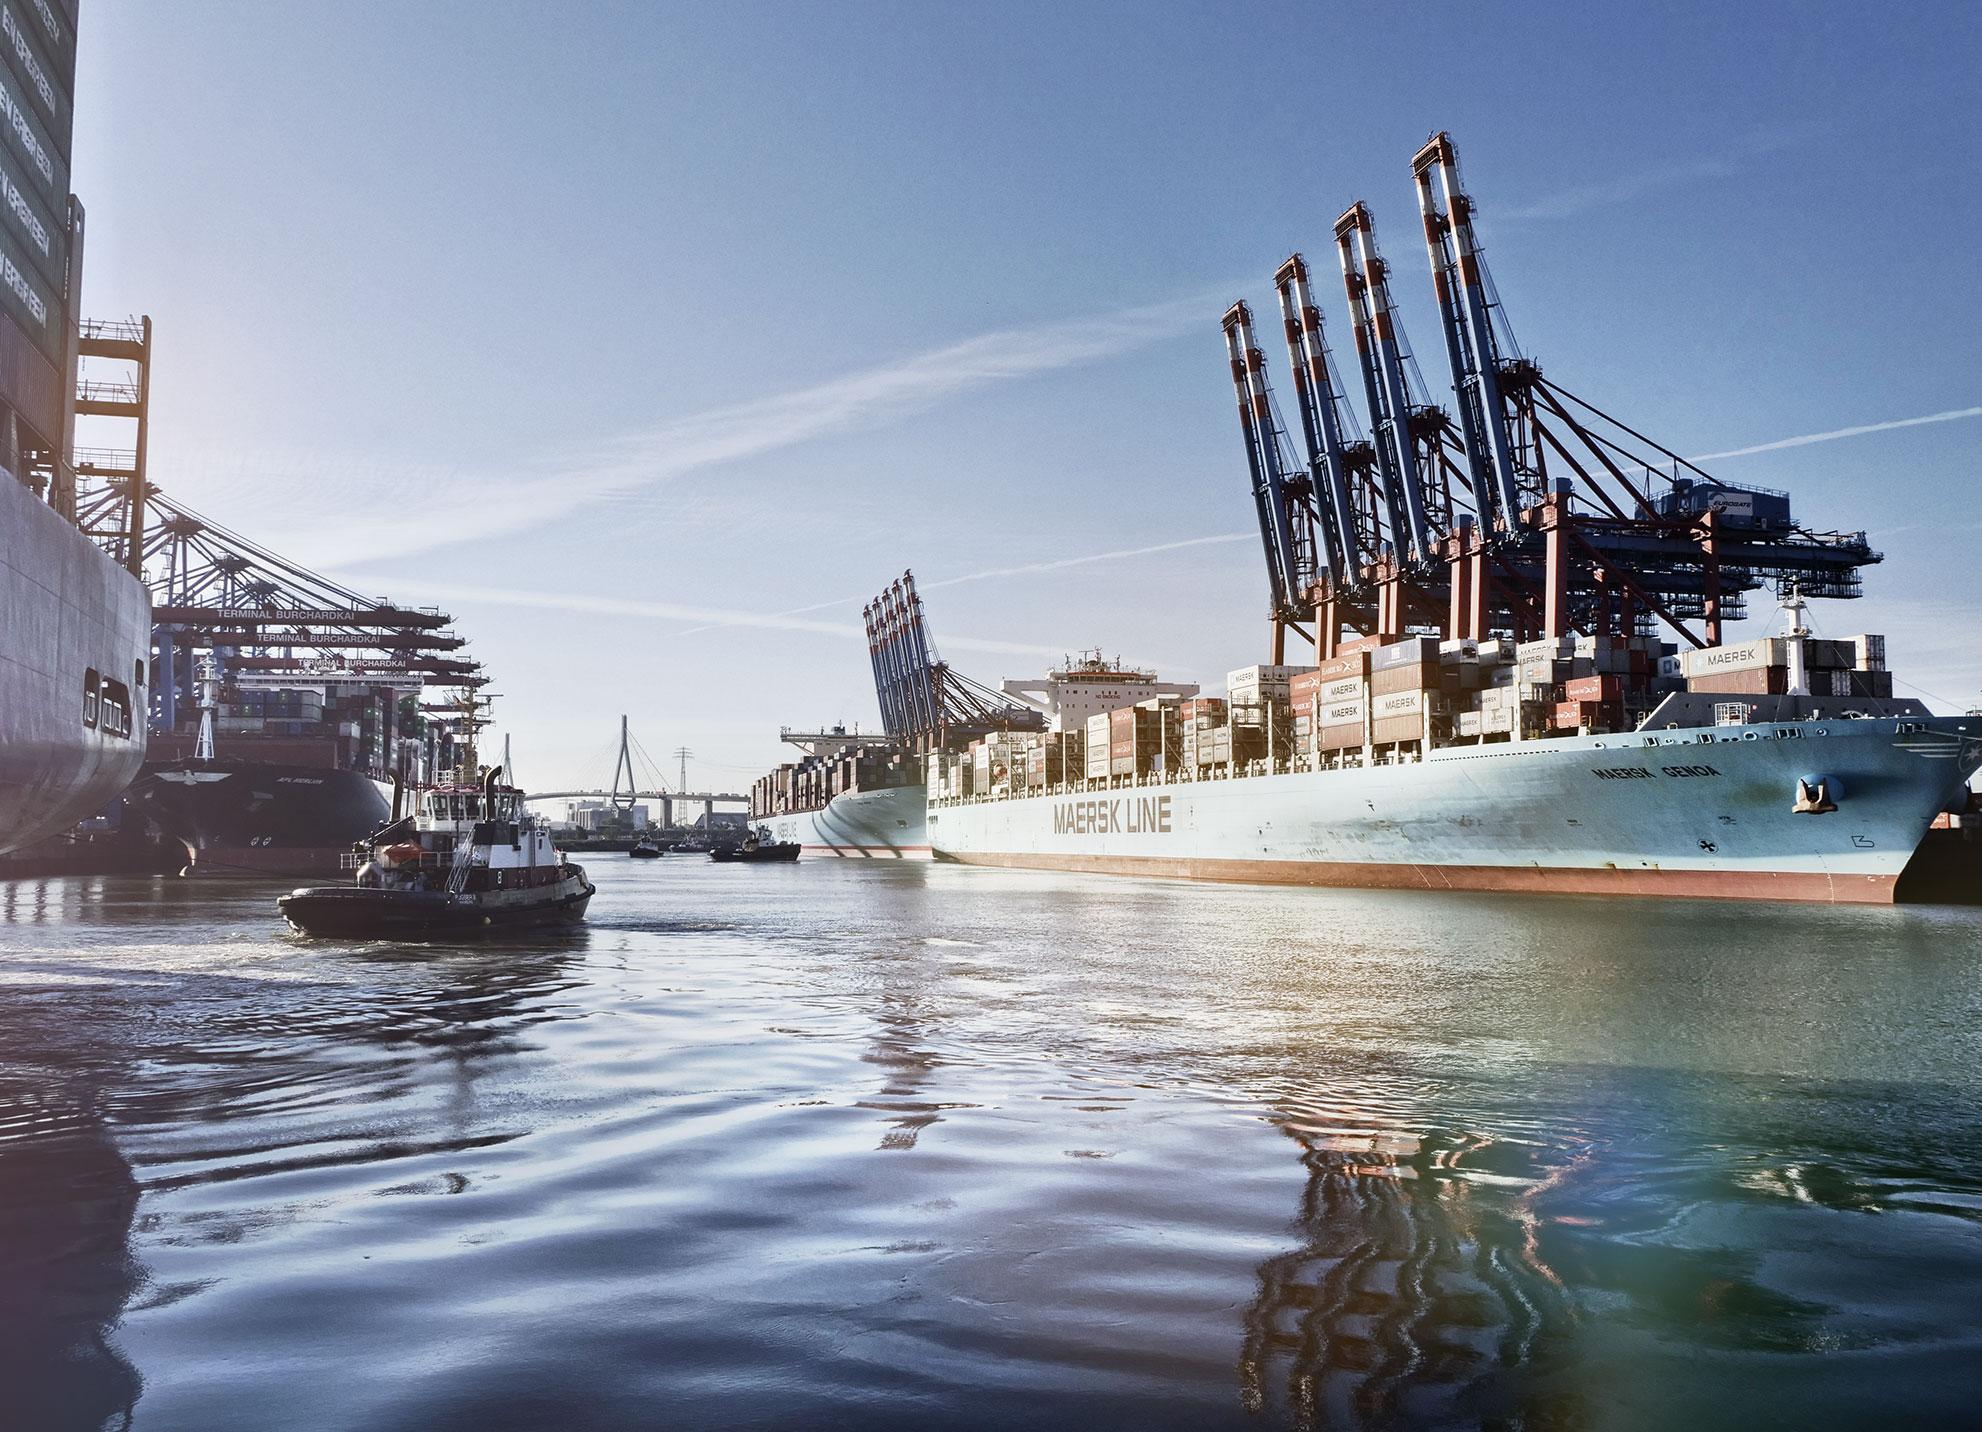 Cargo ship on open ocean